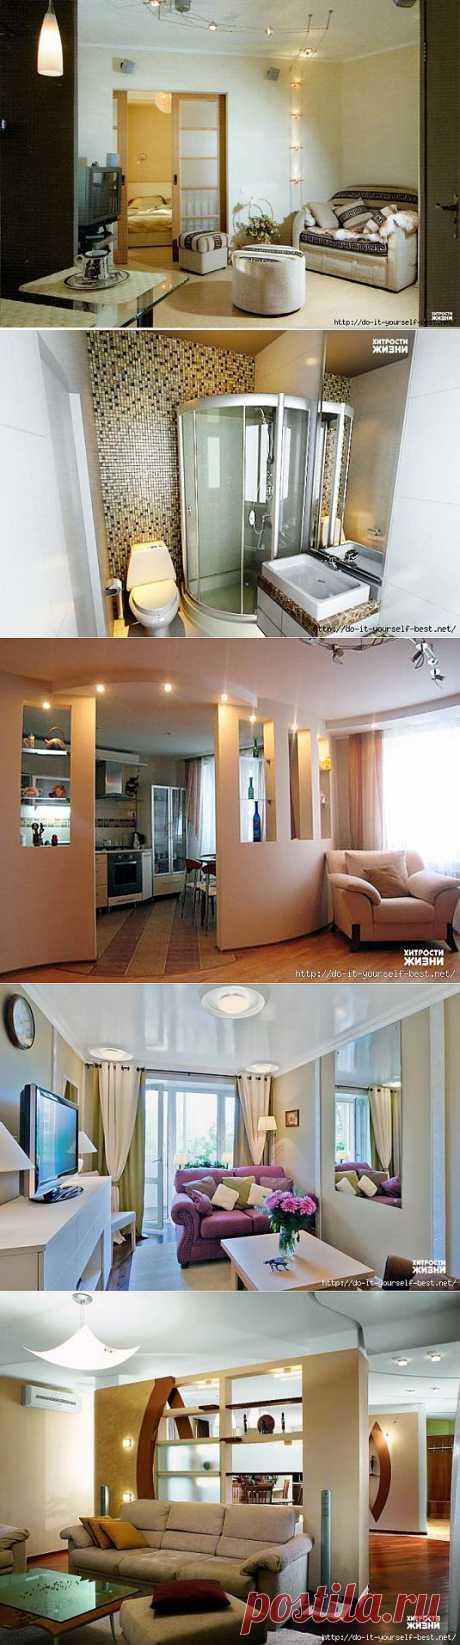 10 идей для интерьера квартиры-хрущевки.